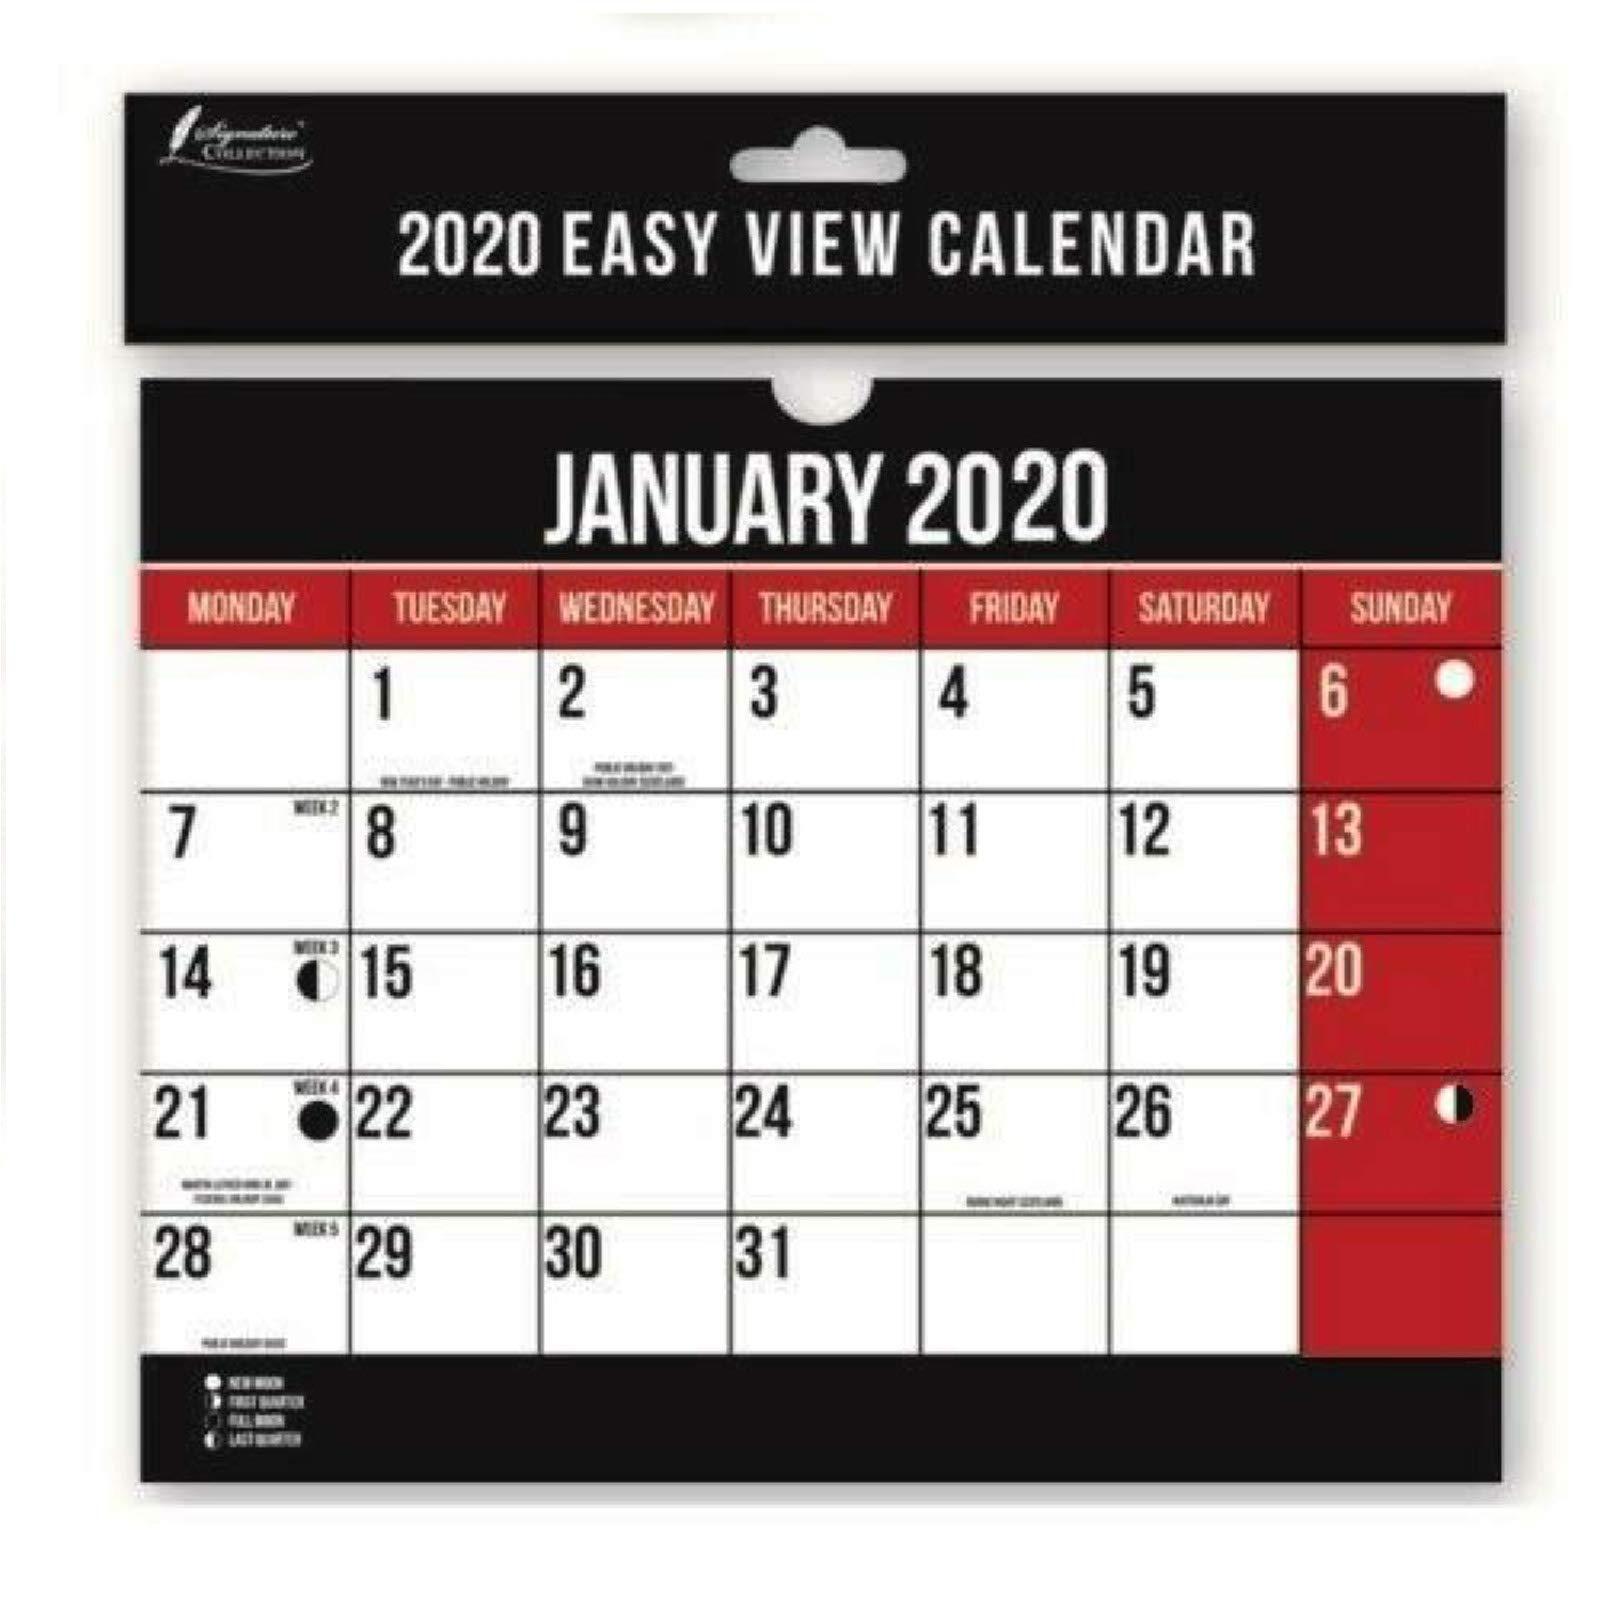 Calendario planificador de pared en espiral 2020, A4, fácil de ver mes a mes.: Amazon.es: Oficina y papelería